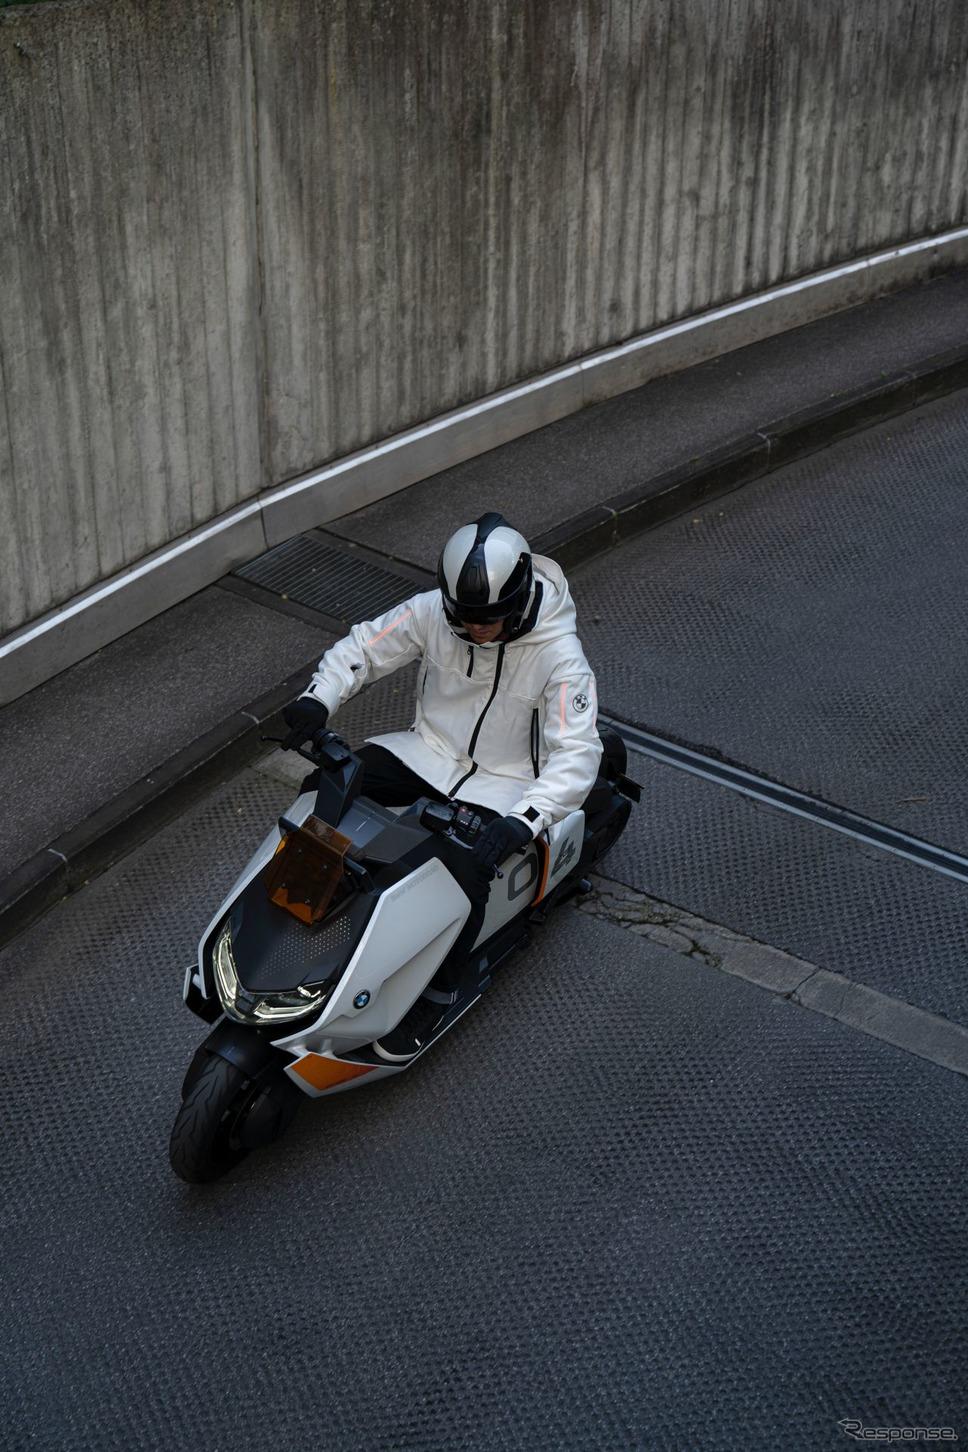 BMWモトラッド・デフィニション CE 04《photo by BMW》